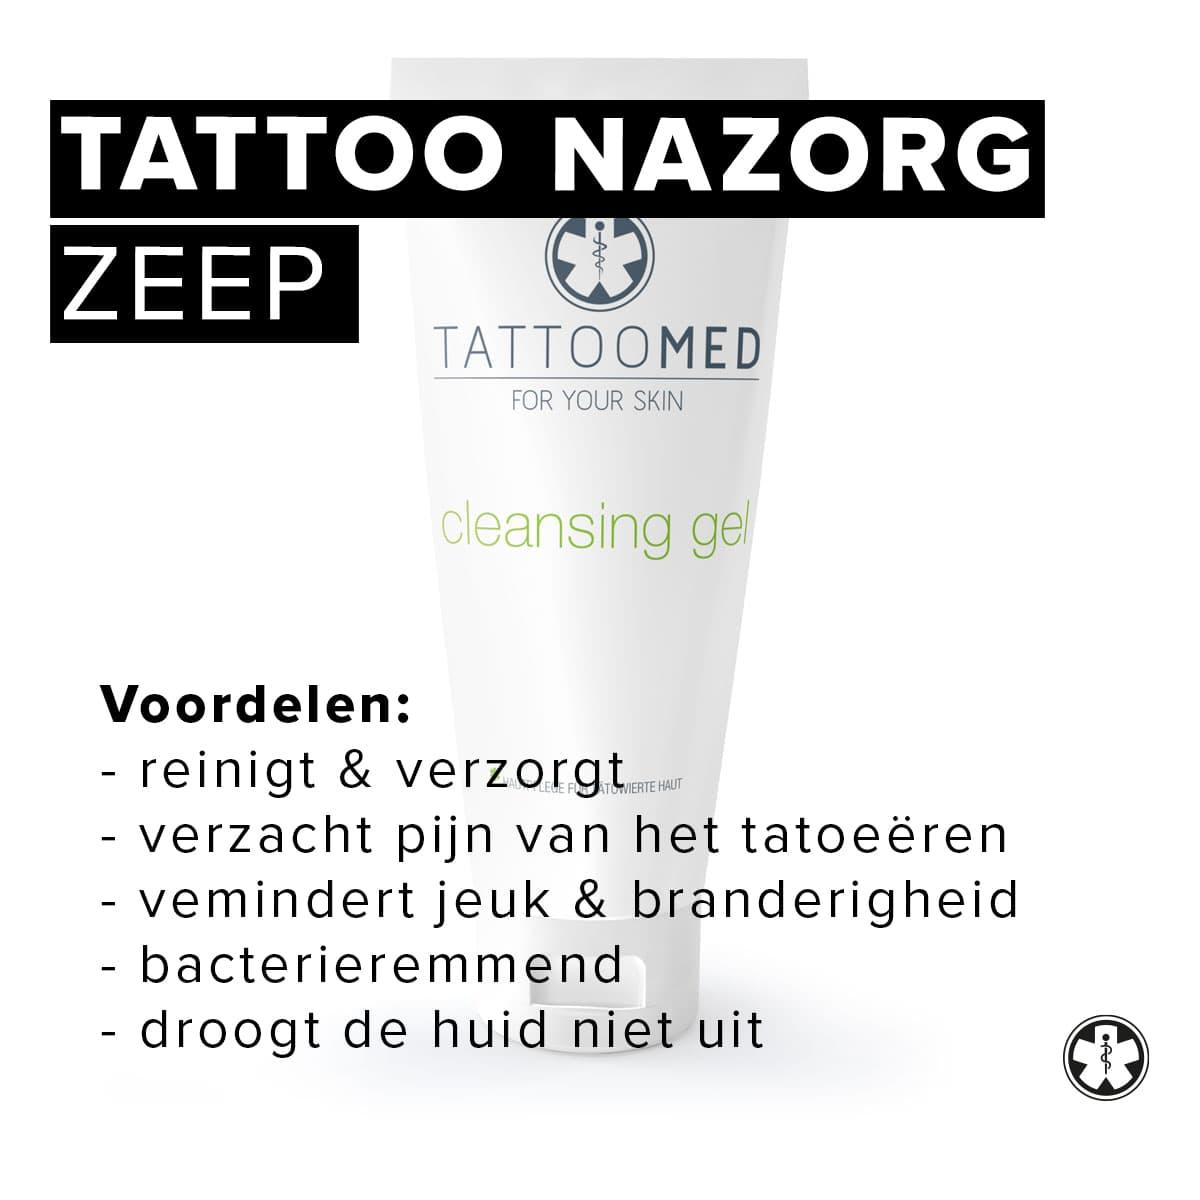 Tattoomed | Tattoo zeep